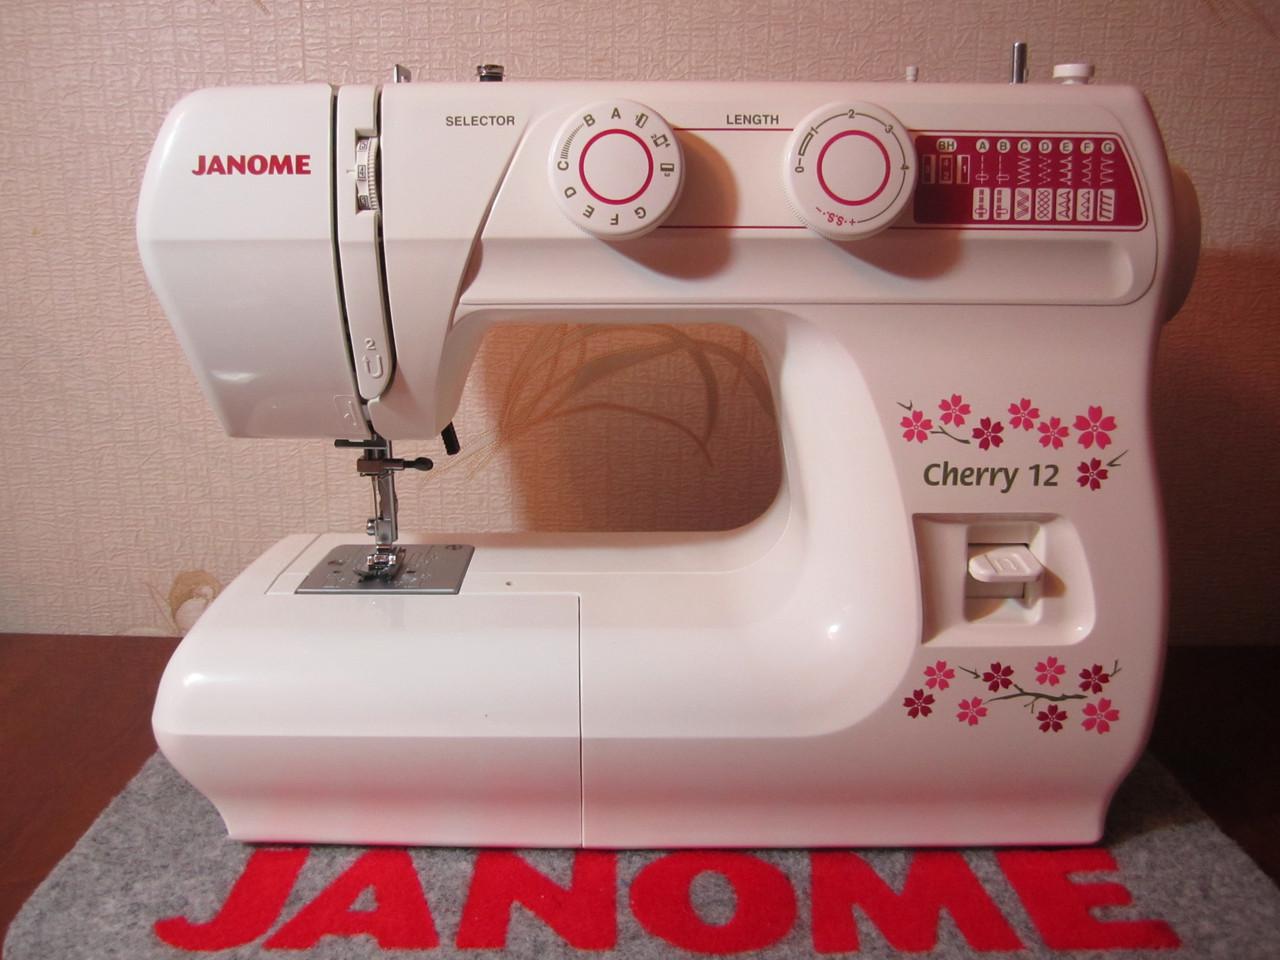 Janome Cherry 12 Швейная машинка